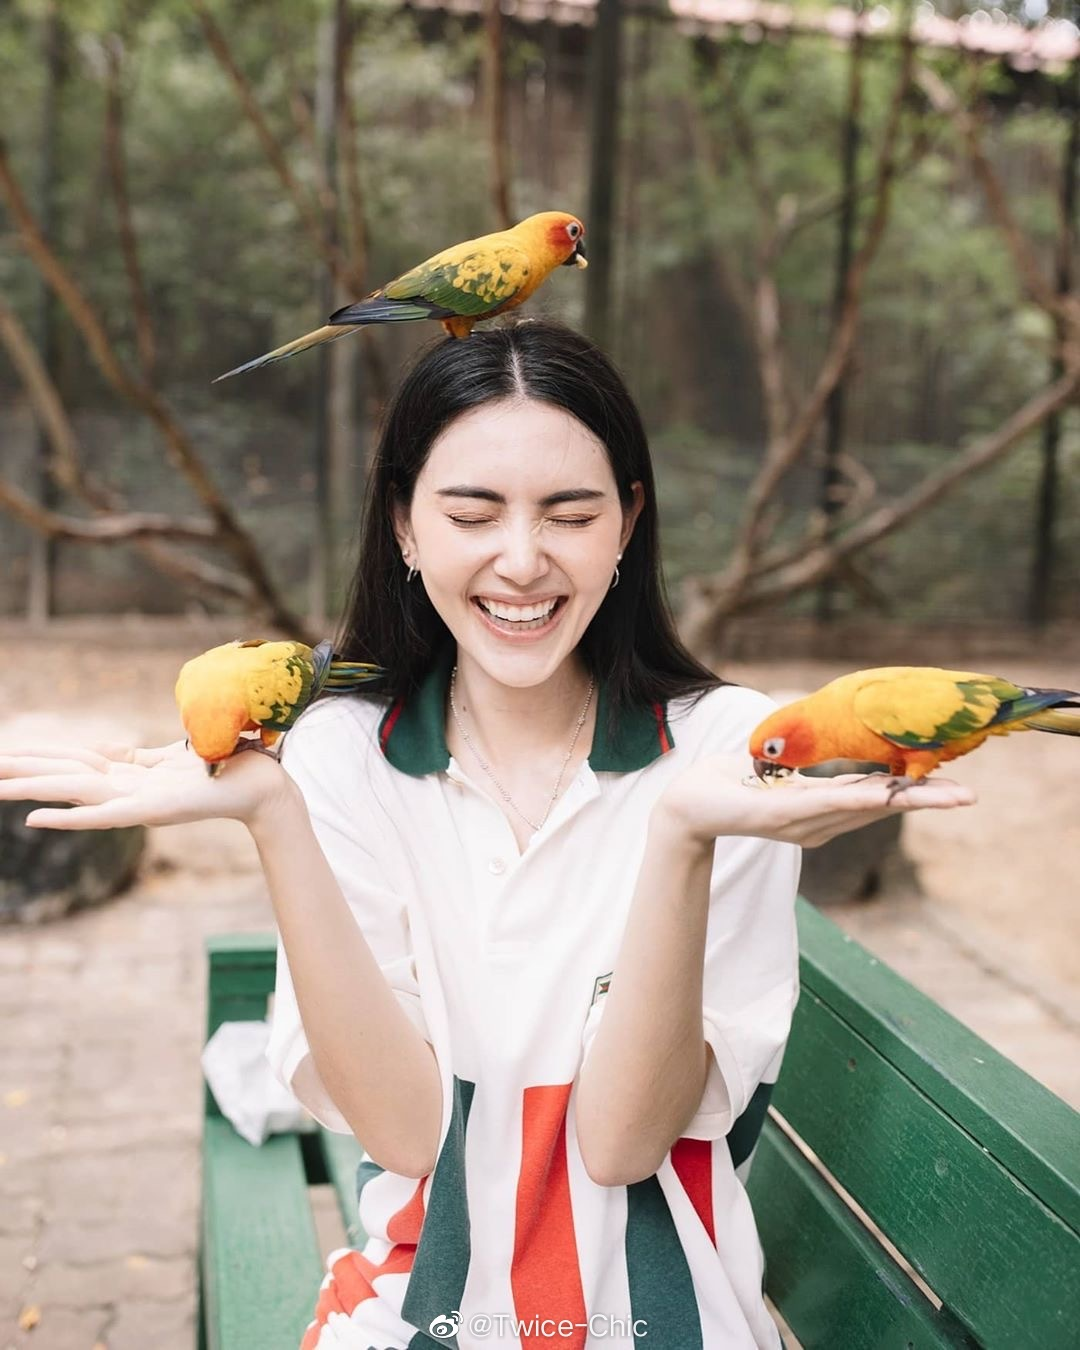 Mai Davika | 曼谷Safari World野生动物园秋游记 🦜